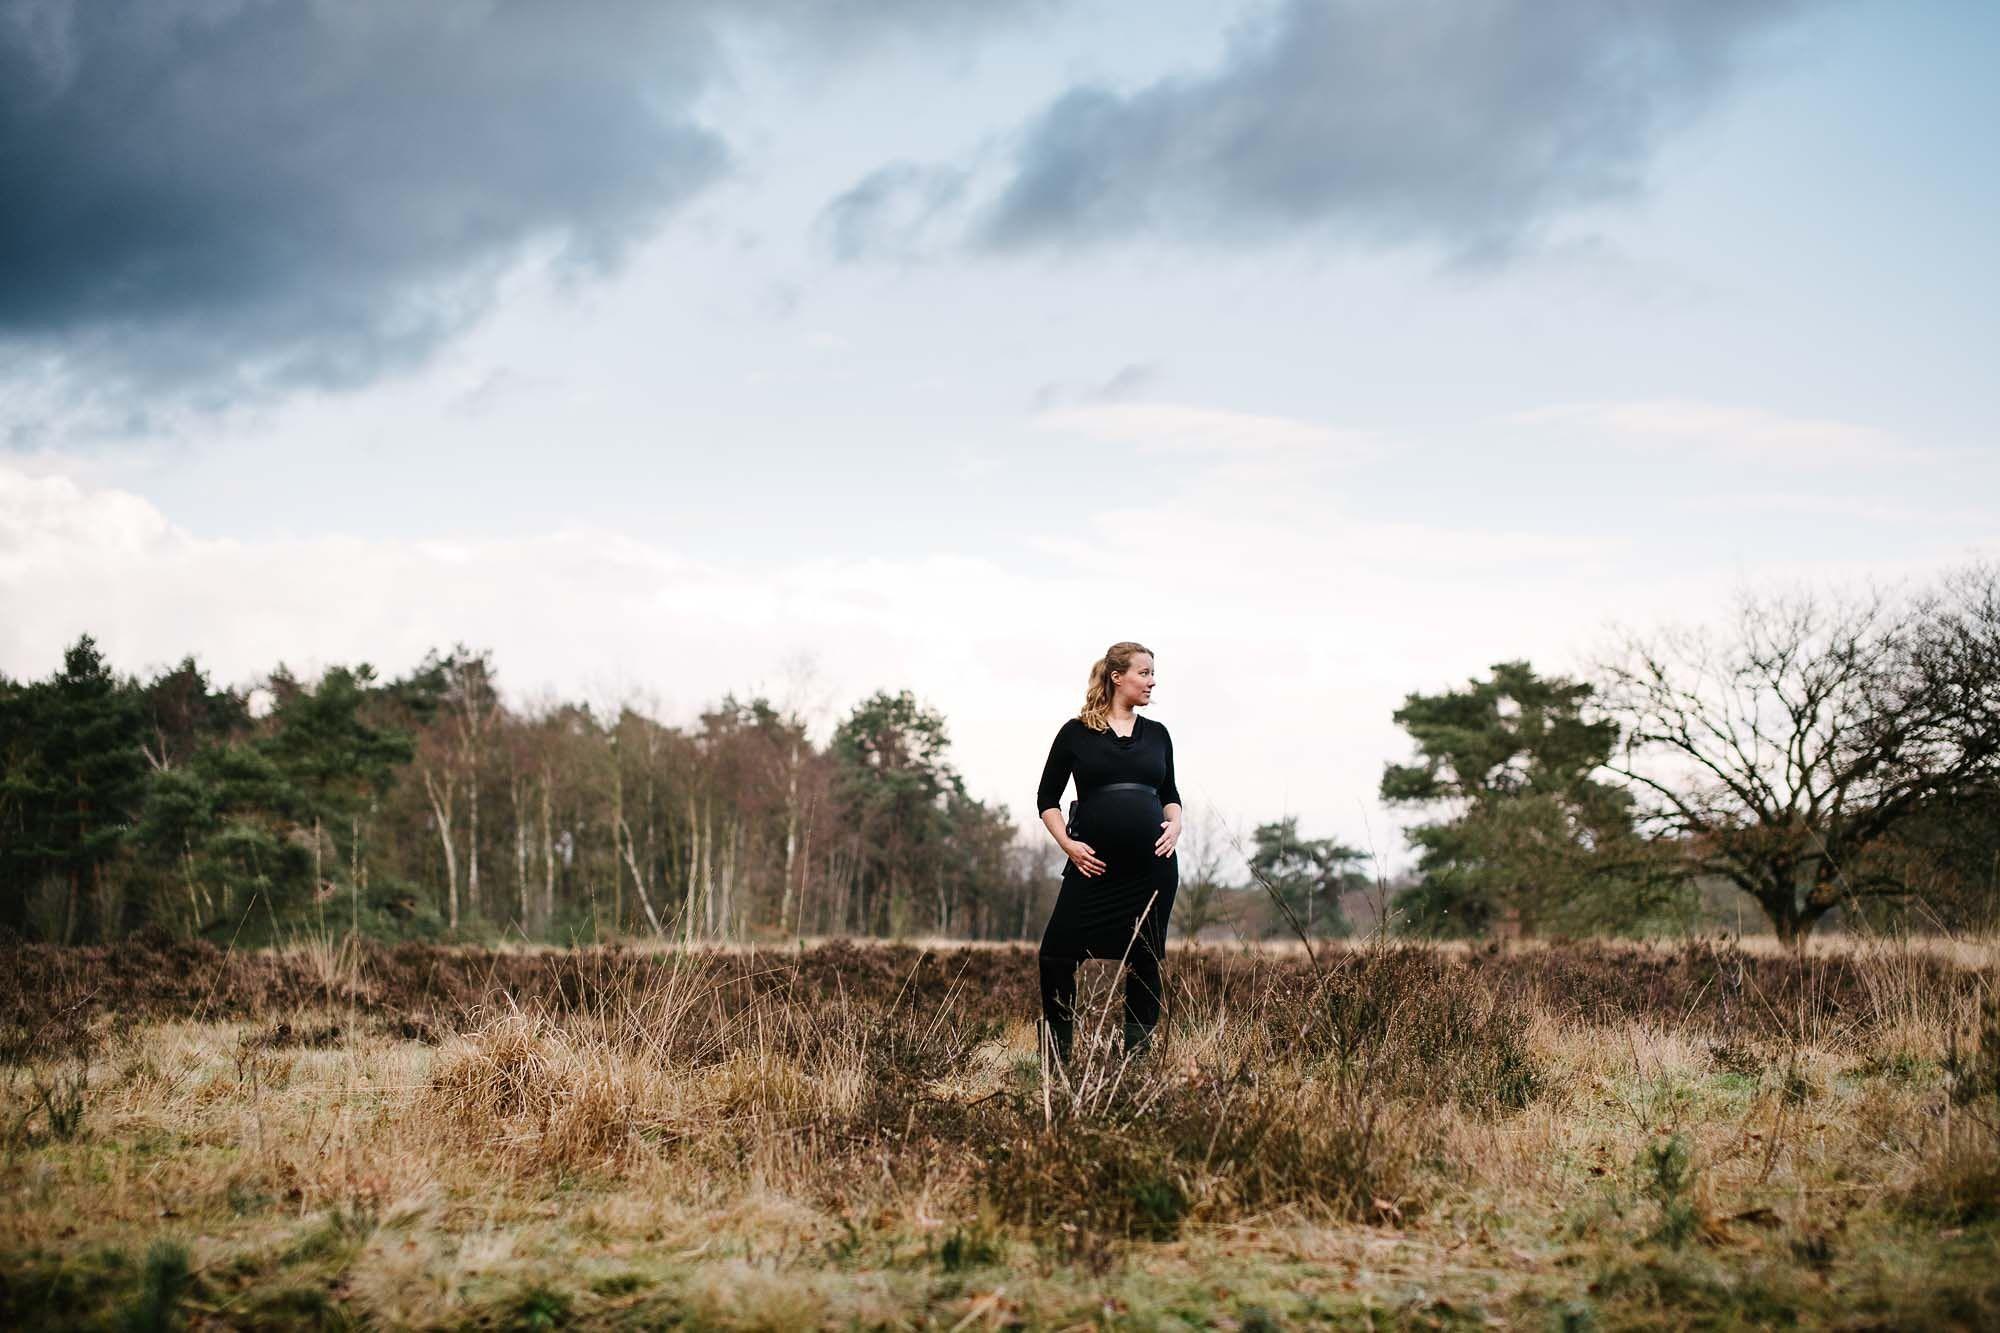 zwangerschapsfotografie Vught fotograaf zwangerschap Den Bosch fotoshoot zwanger